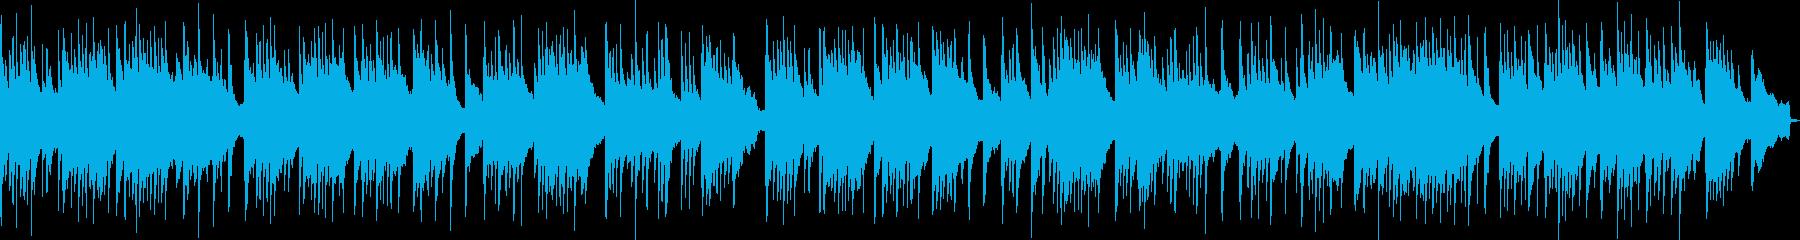 夜明け前をピアノで描写の再生済みの波形